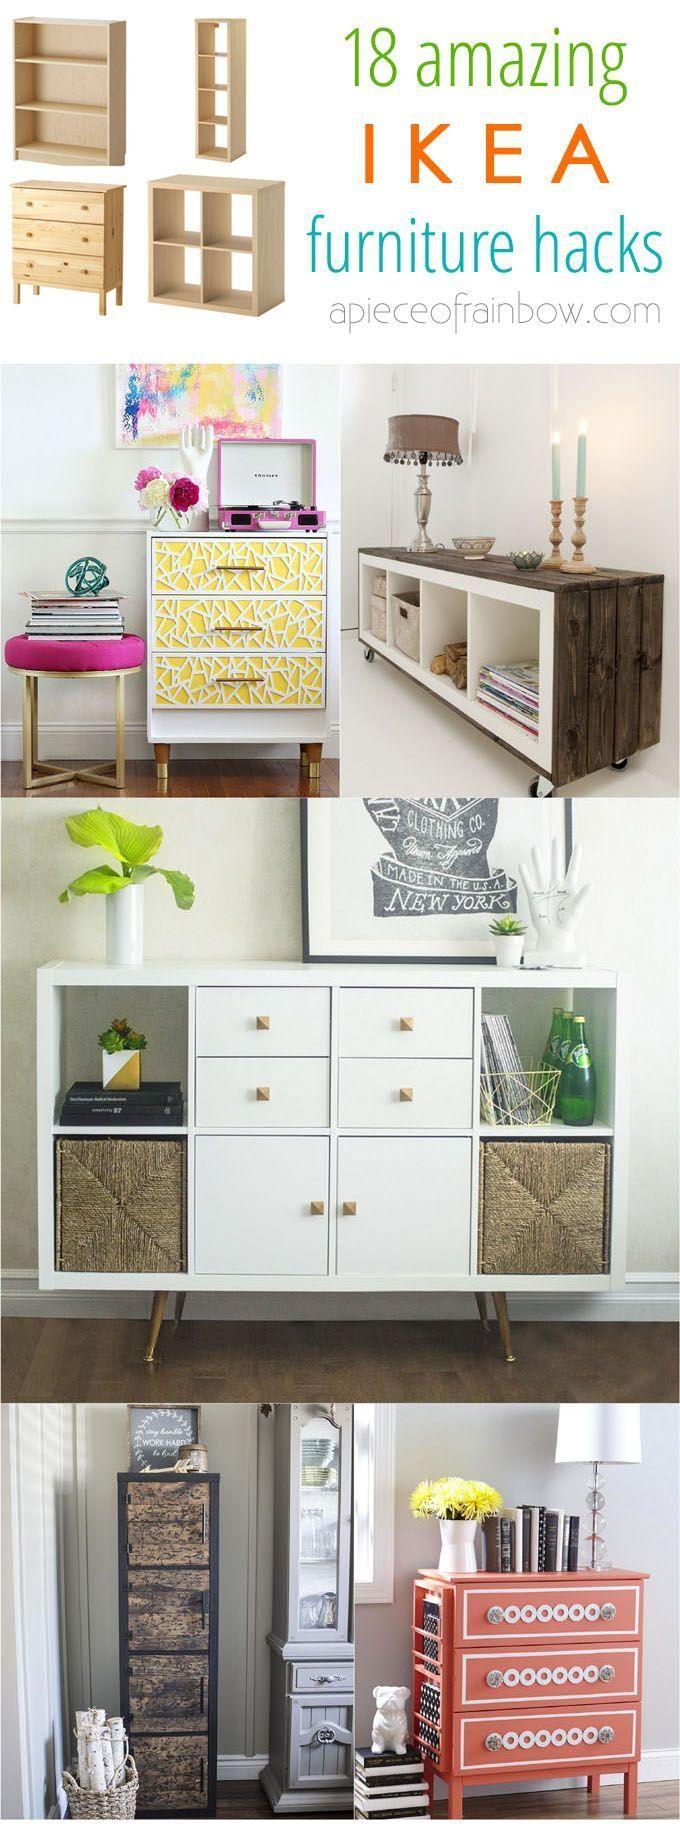 Mit 18 super kreativen IKEA-Hacks können Sie ganz einfach wunderschöne Möbel nach Maß herstellen